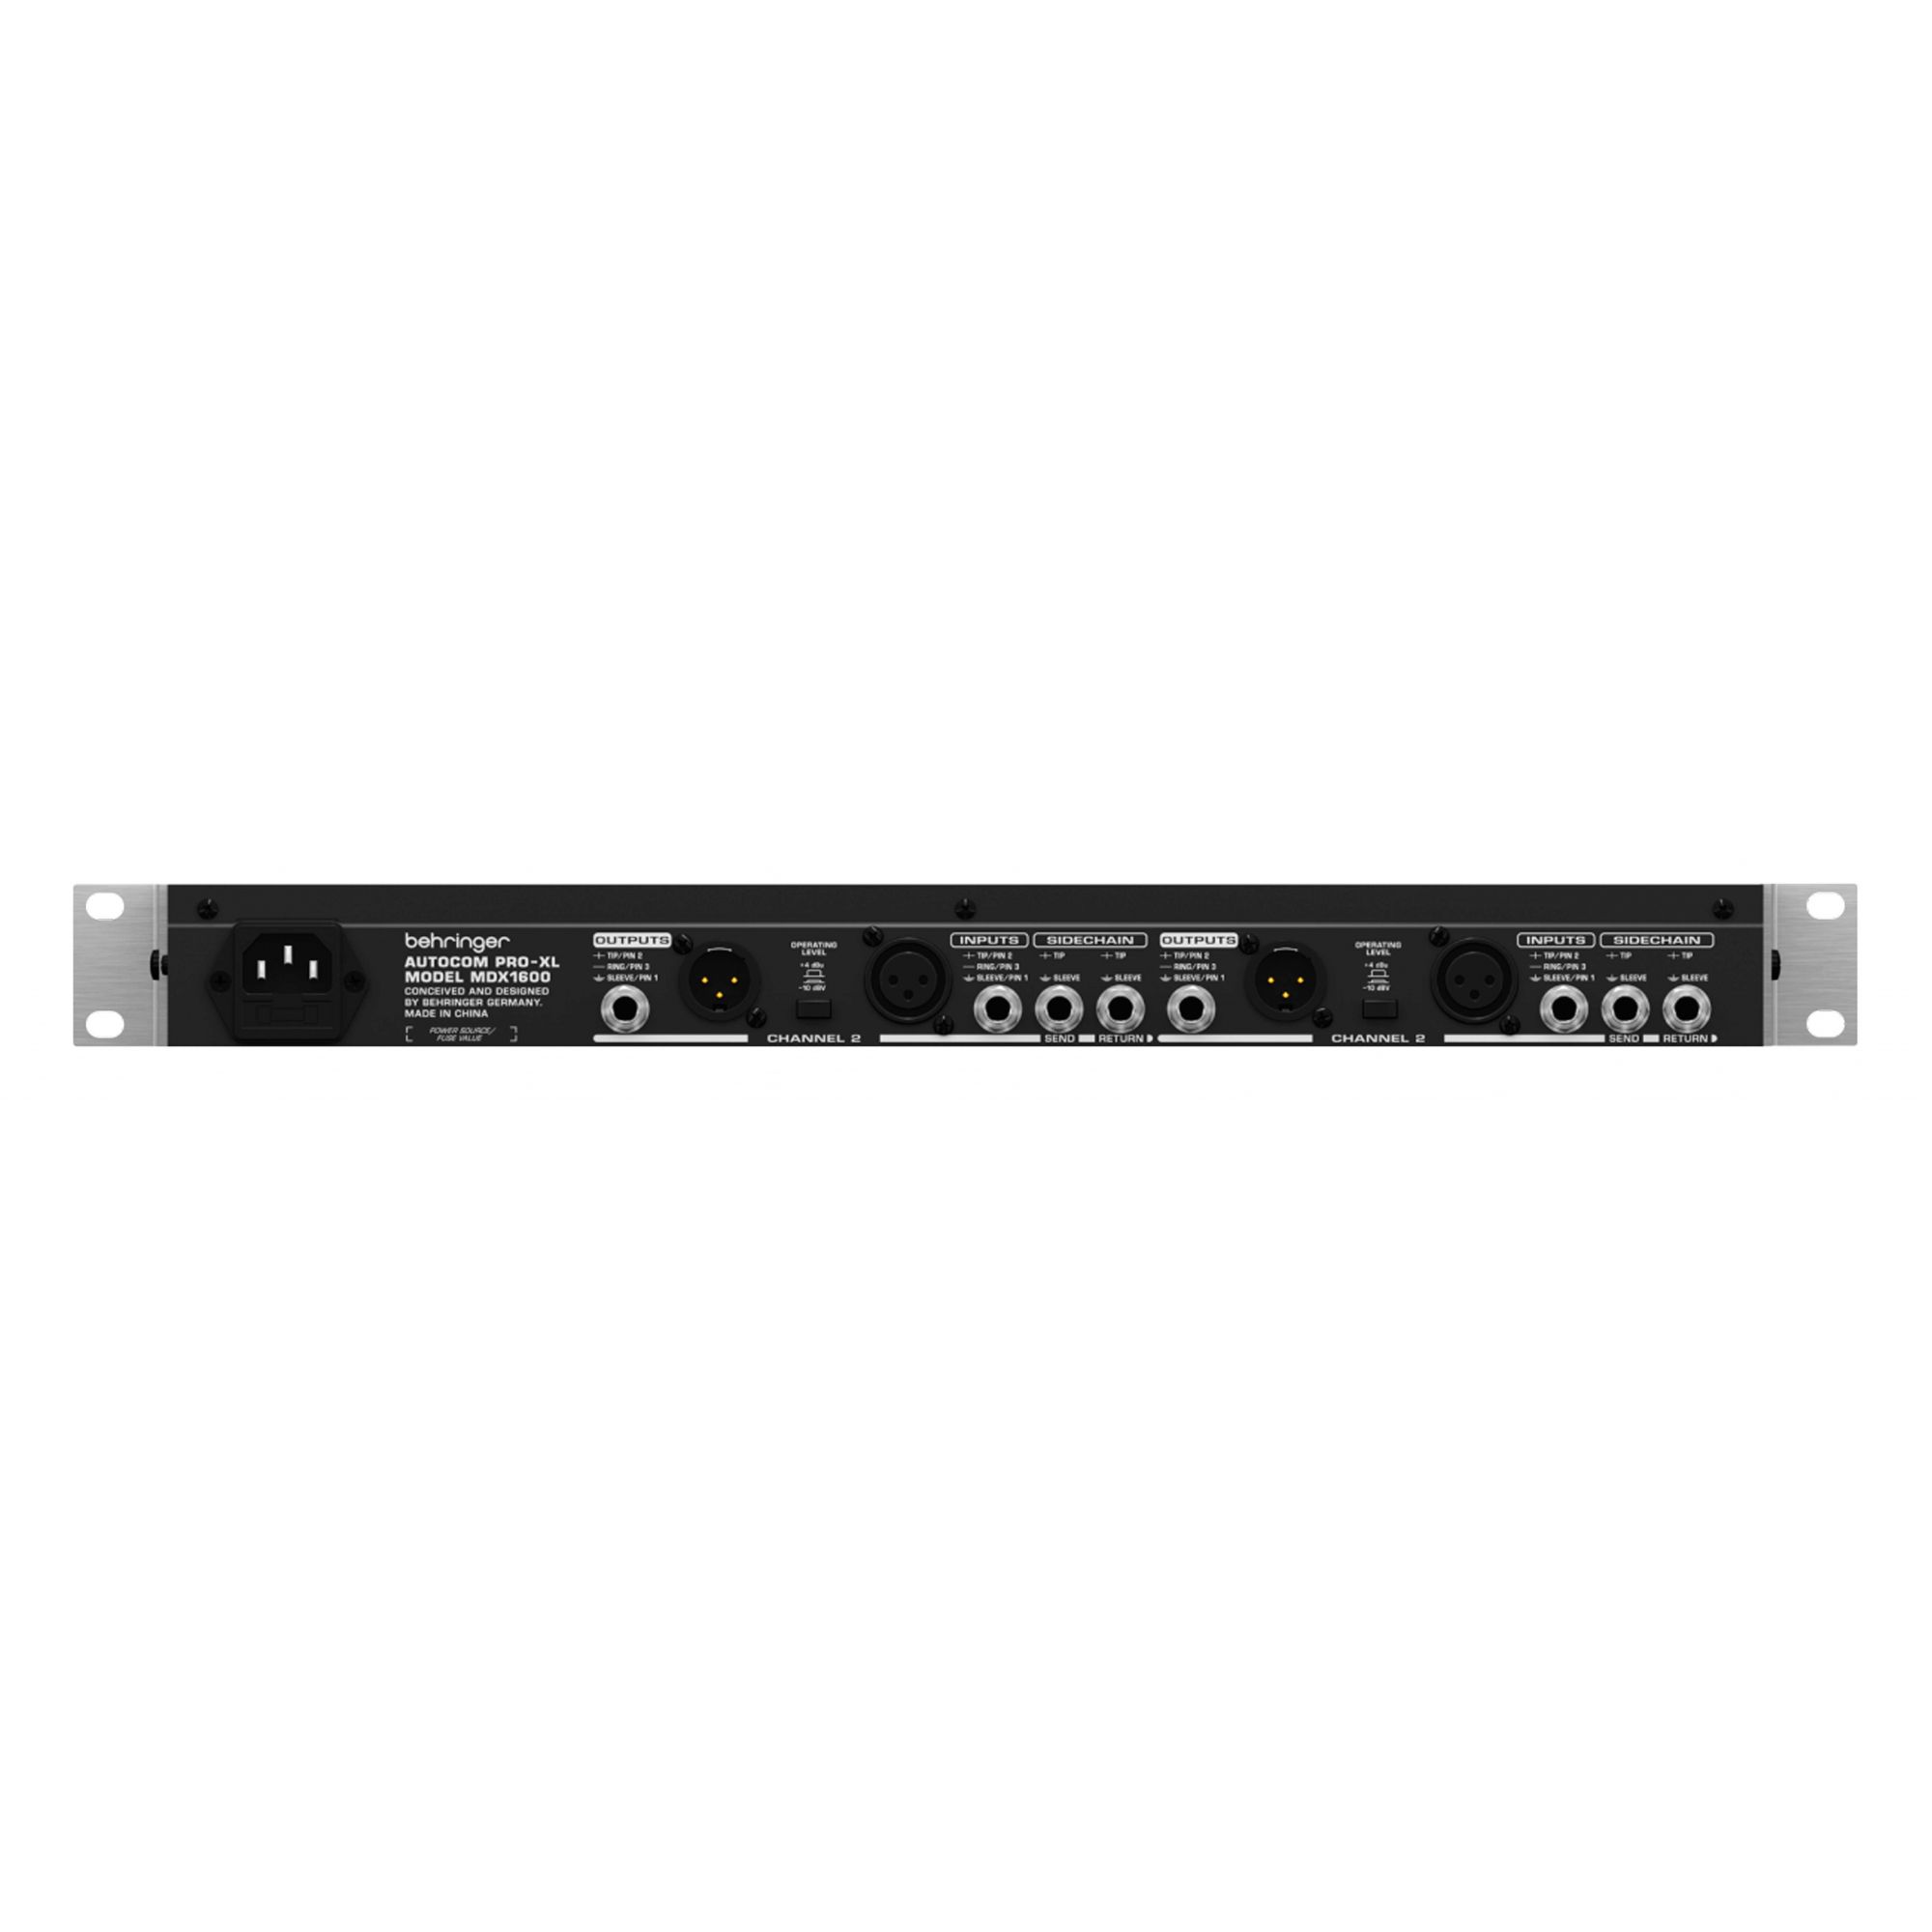 Compressor de referência com 4 canais, Gate e limitador de pico | Behringer | MDX1600